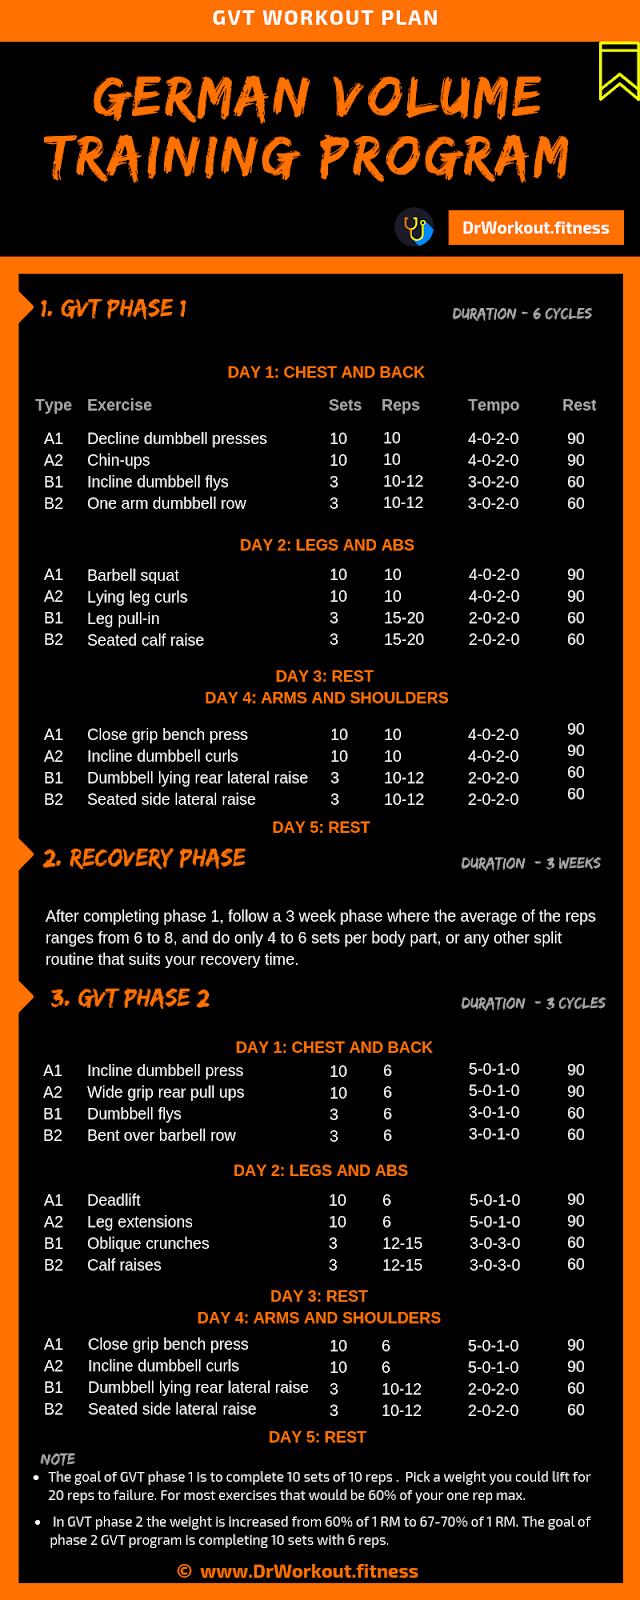 German Volume Training (GVT) Workout Plan | Dr Workout